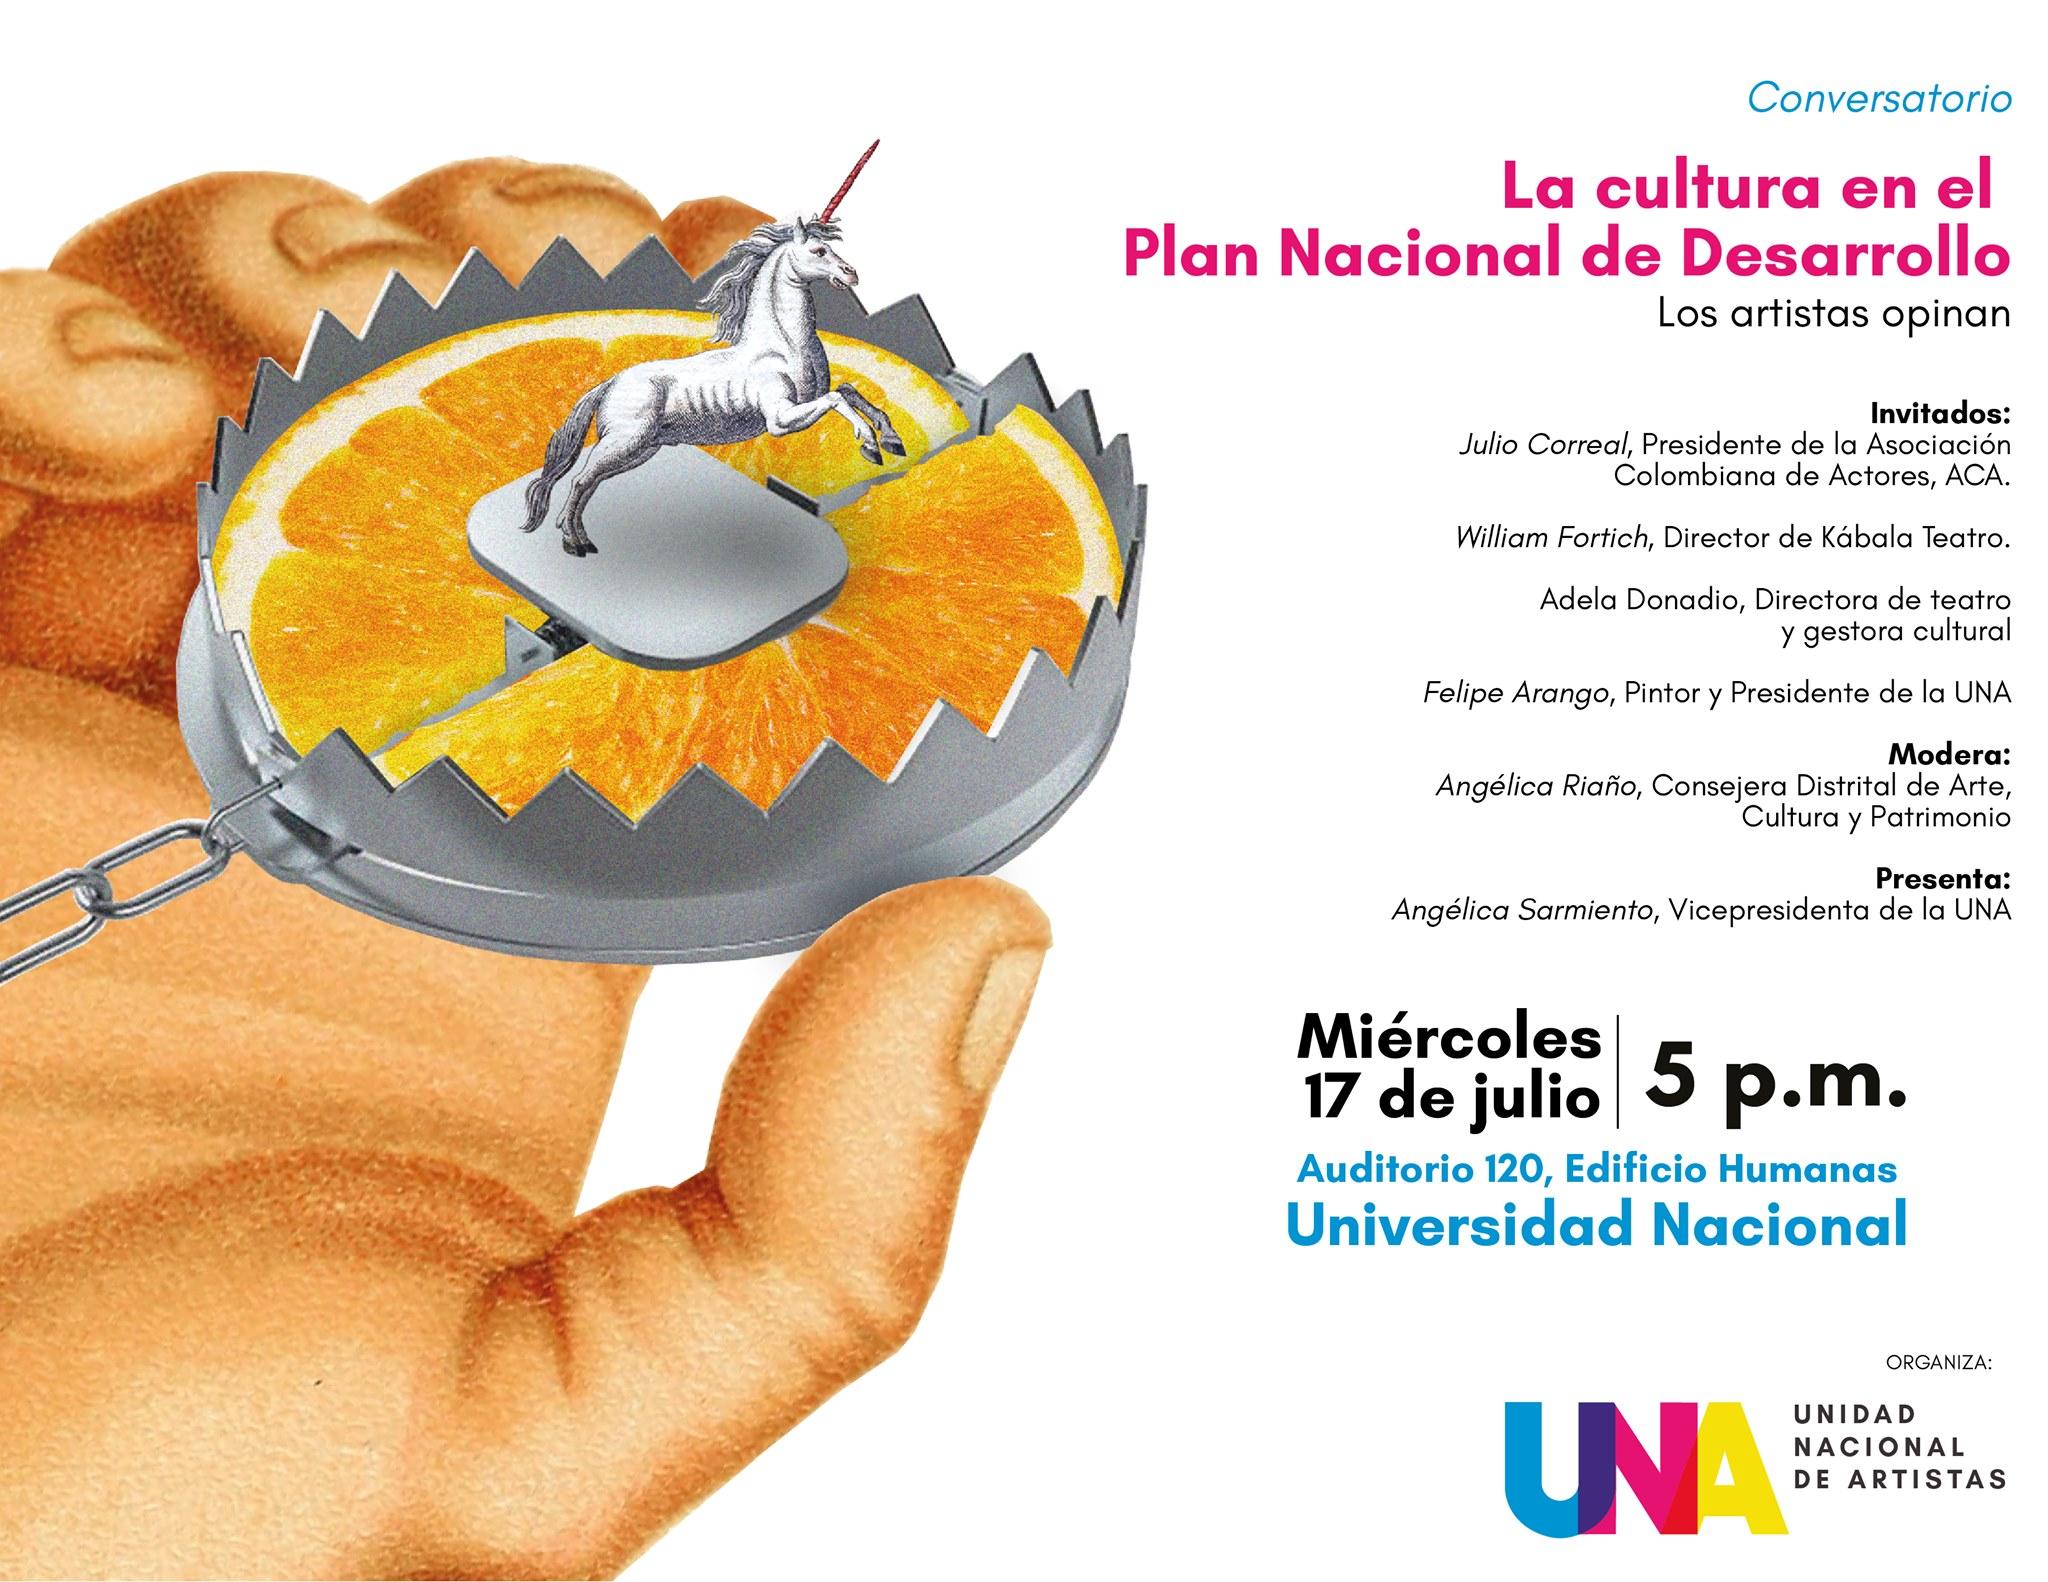 Conversatorio «La cultura en el Plan Nacional de Desarrollo: los artistas opinan»